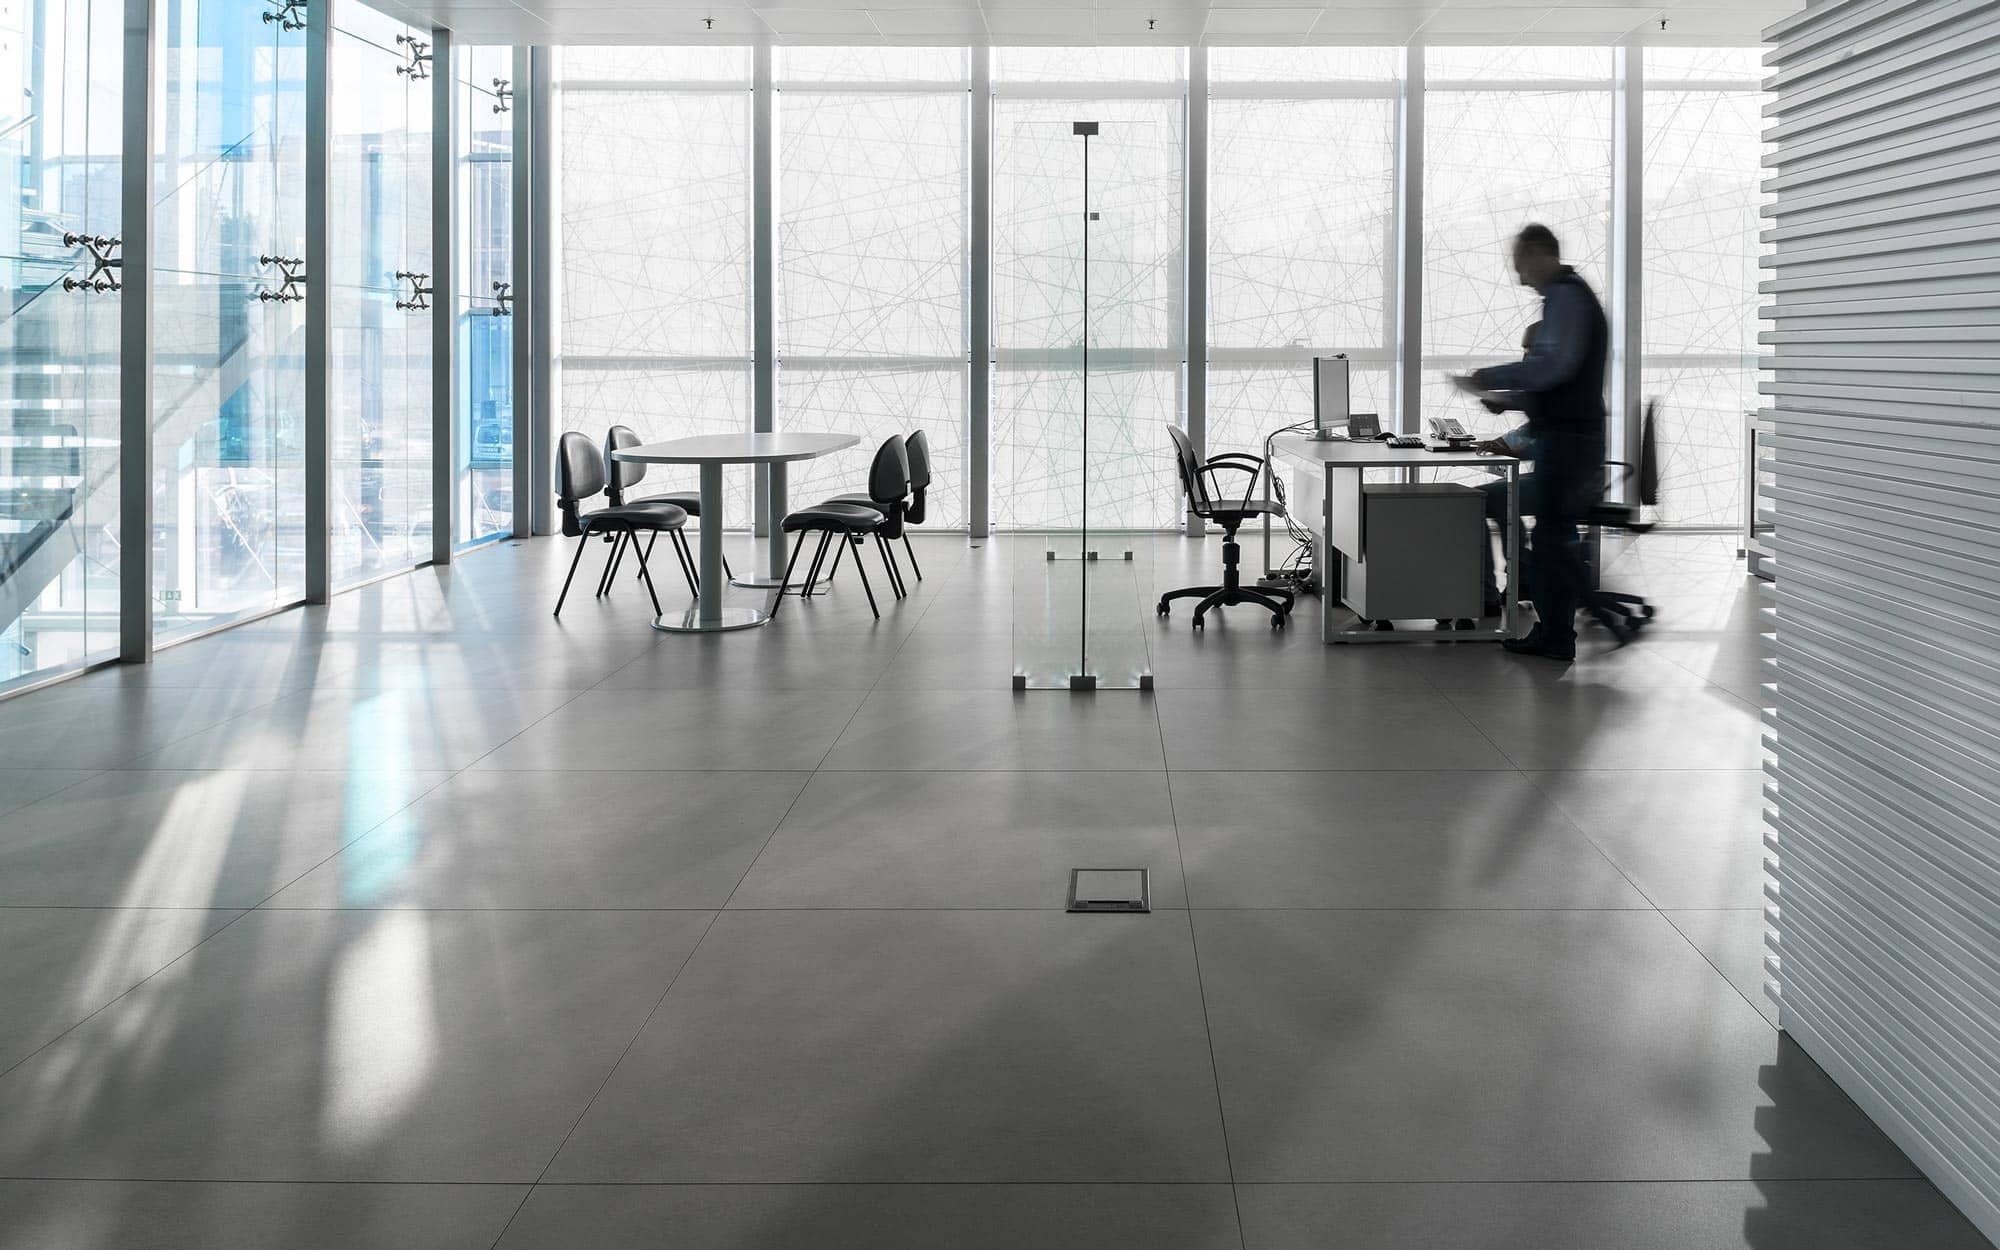 Meeting room of Respol with Kerlite Over floor tiles